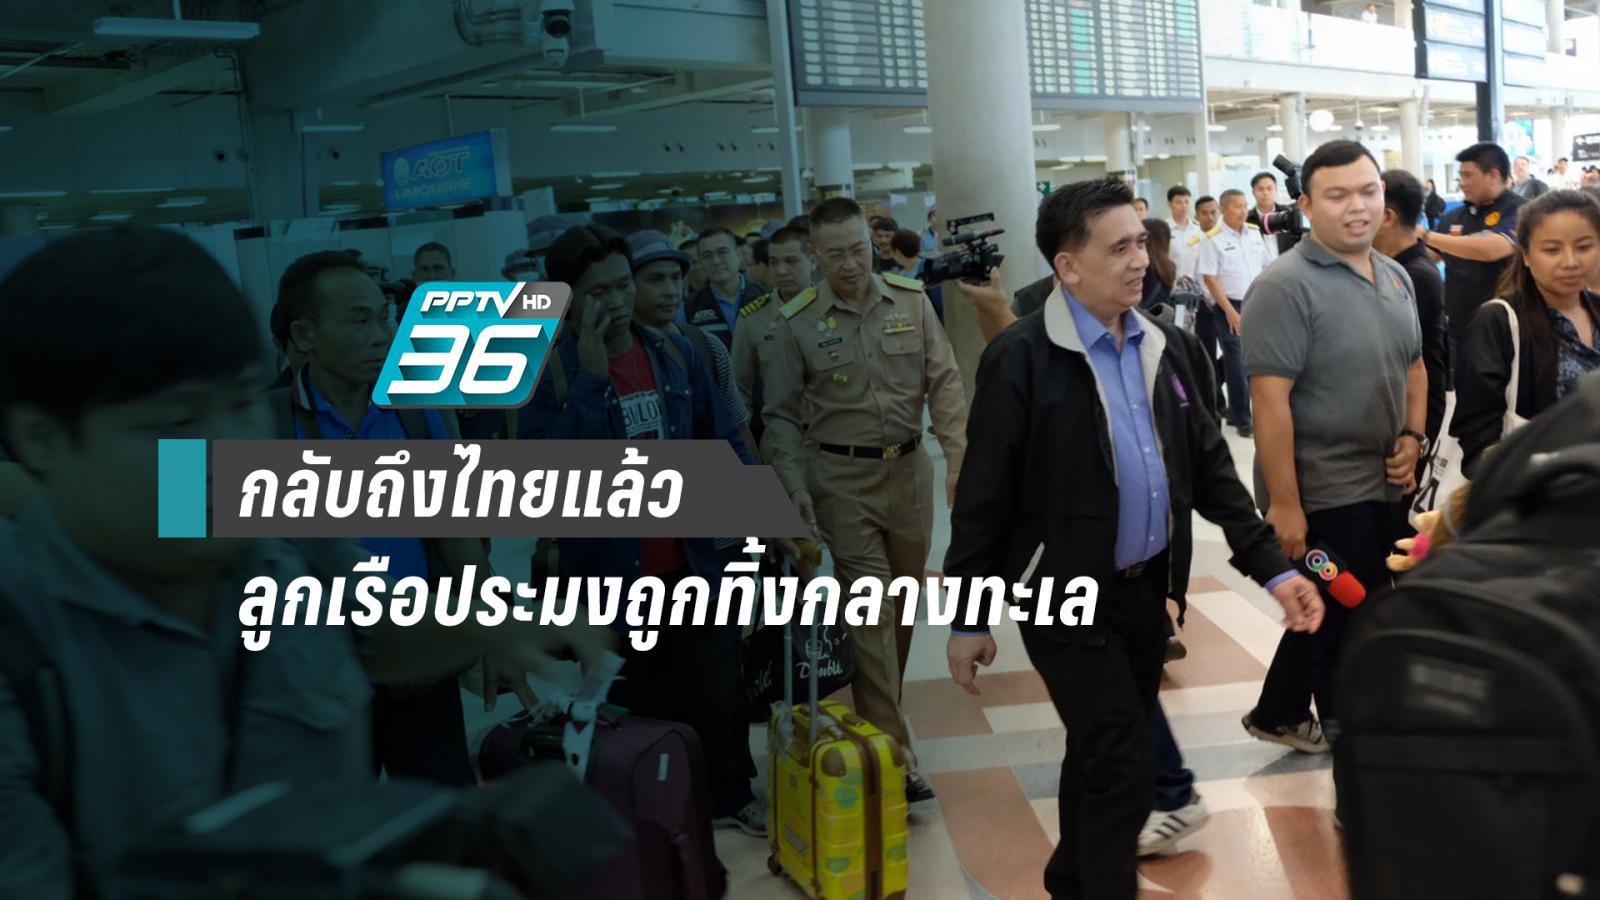 ลูกเรือไทย ถูกทิ้งในโซมาเลีย กลับถึงประเทศแล้ว